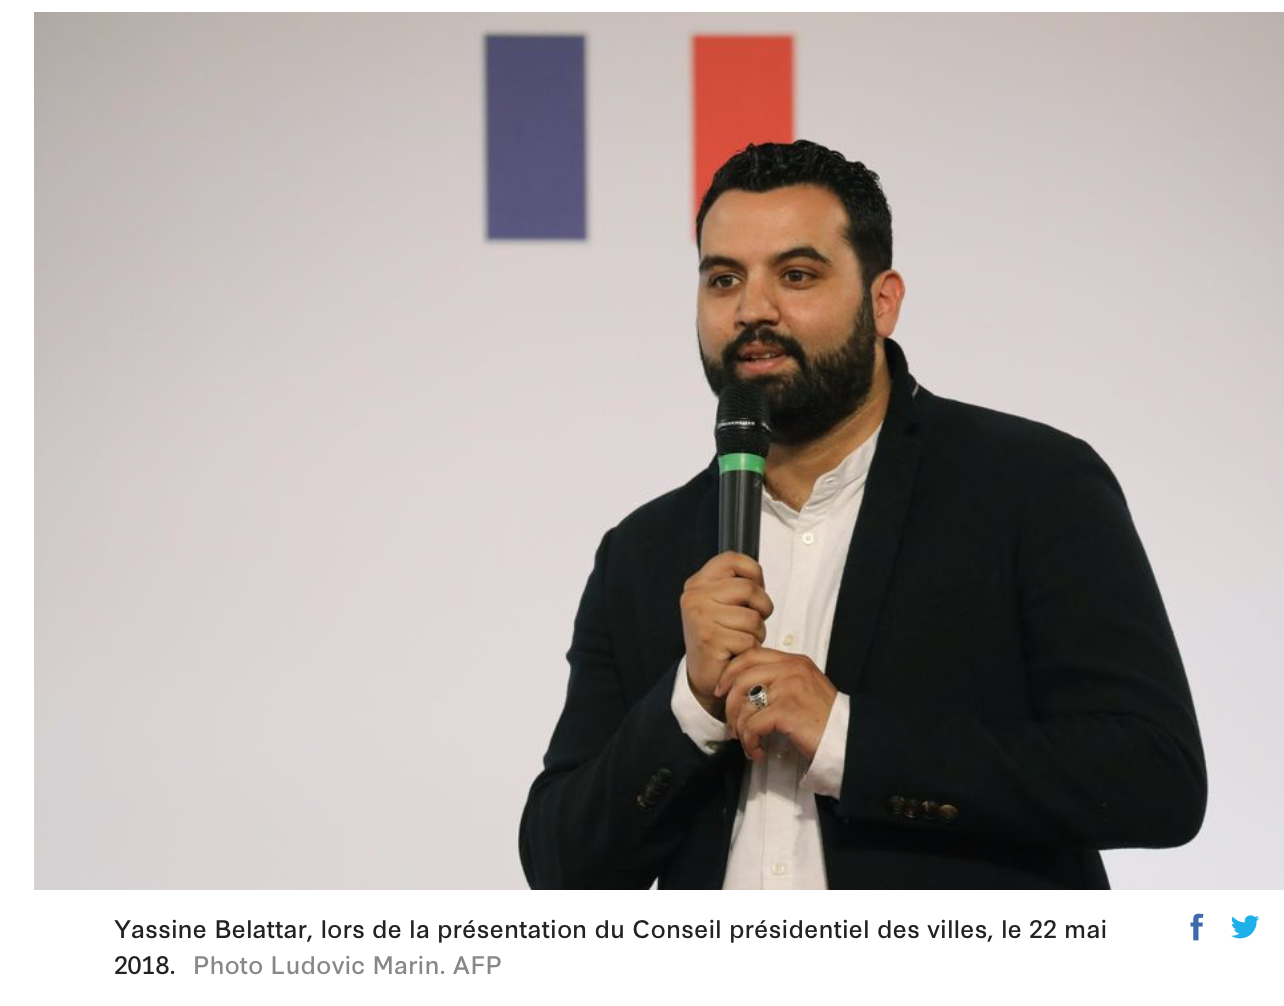 Lettre du musulman modéré Belattar : «les musulmans, c'est la marijuana des Français «